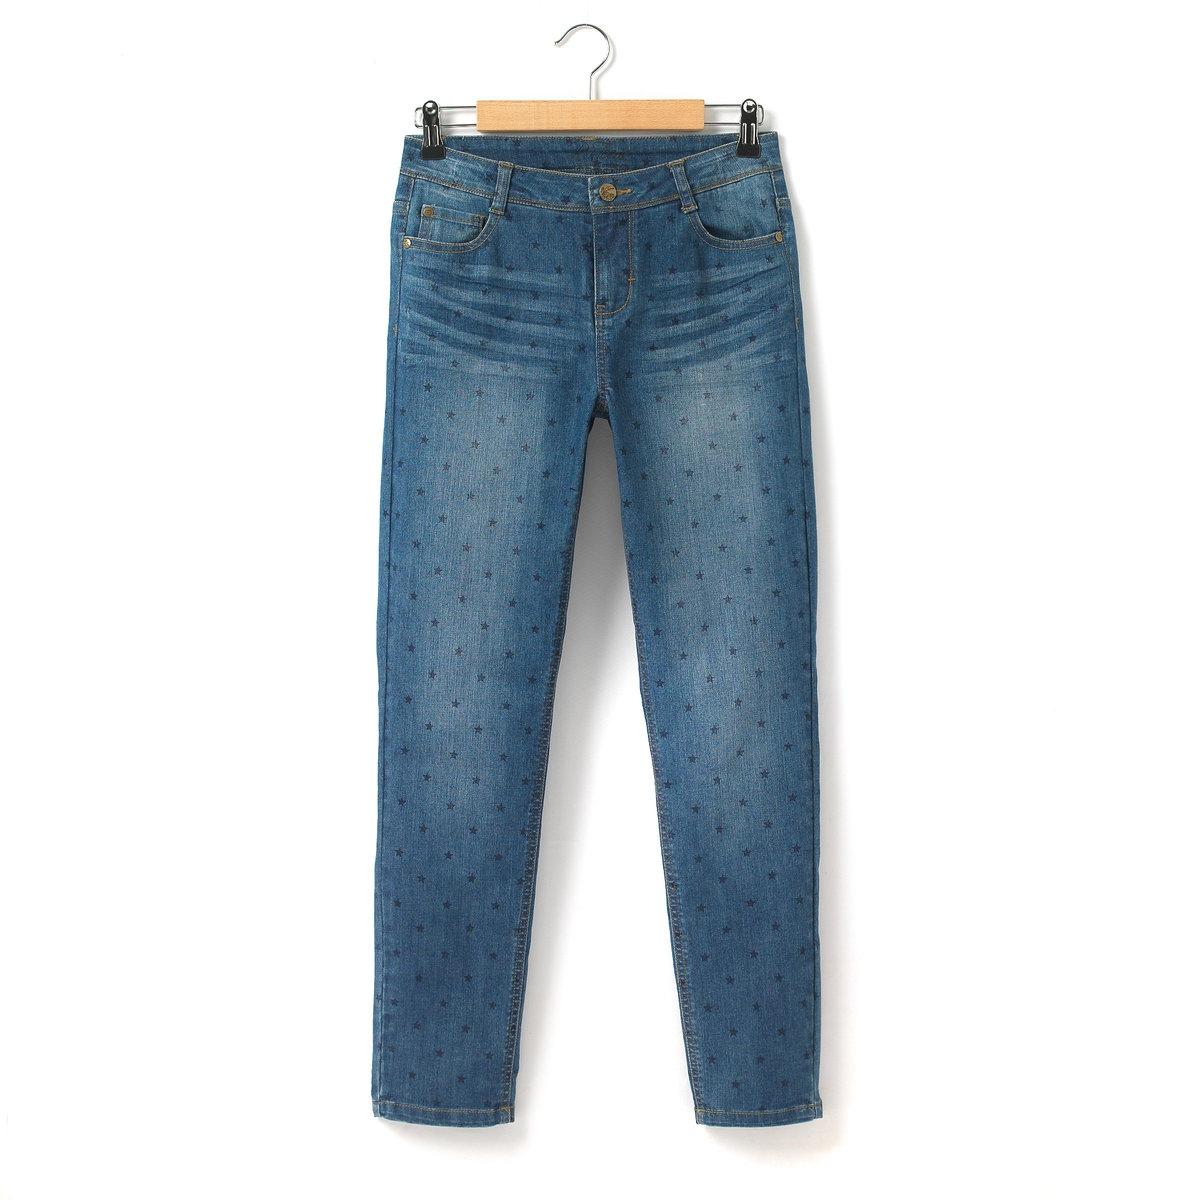 Джинсы герлфренд с рисунком звездыВ Вашем гардеробе уже есть джинсы бойфренд? Представляем новинку - джинсы герлфренд, покрой которых более выгодно подчеркивает женскую фигуру: брючины заужены, а посадка на поясе чуть выше для создания более гармоничного силуэта. Деним стретч с рисунком звезды: 70% хлопка, 20% полиэстера, 9% вискозы, 1% эластана.    Пояс со шлевками для ремня регулируется внутренней резинкой на пуговице. Застежка на молнию и болт. 3 кармана спереди (1 часовой кармашек), 2 кармана сзади.    Заложенные складки и легкий эффект потертости спереди.<br><br>Цвет: синий потертый/рисунок